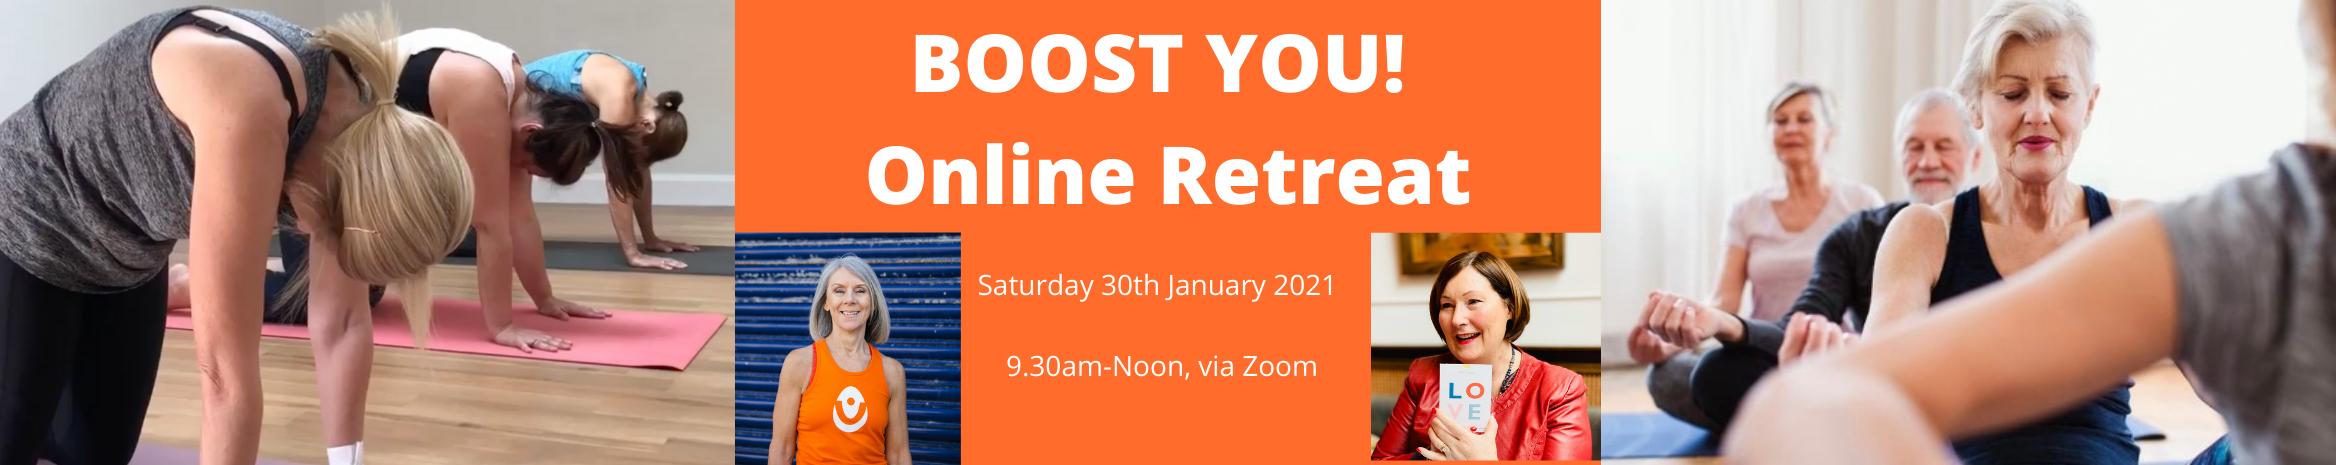 Boost You Online Yoga, Meditation, Mindf